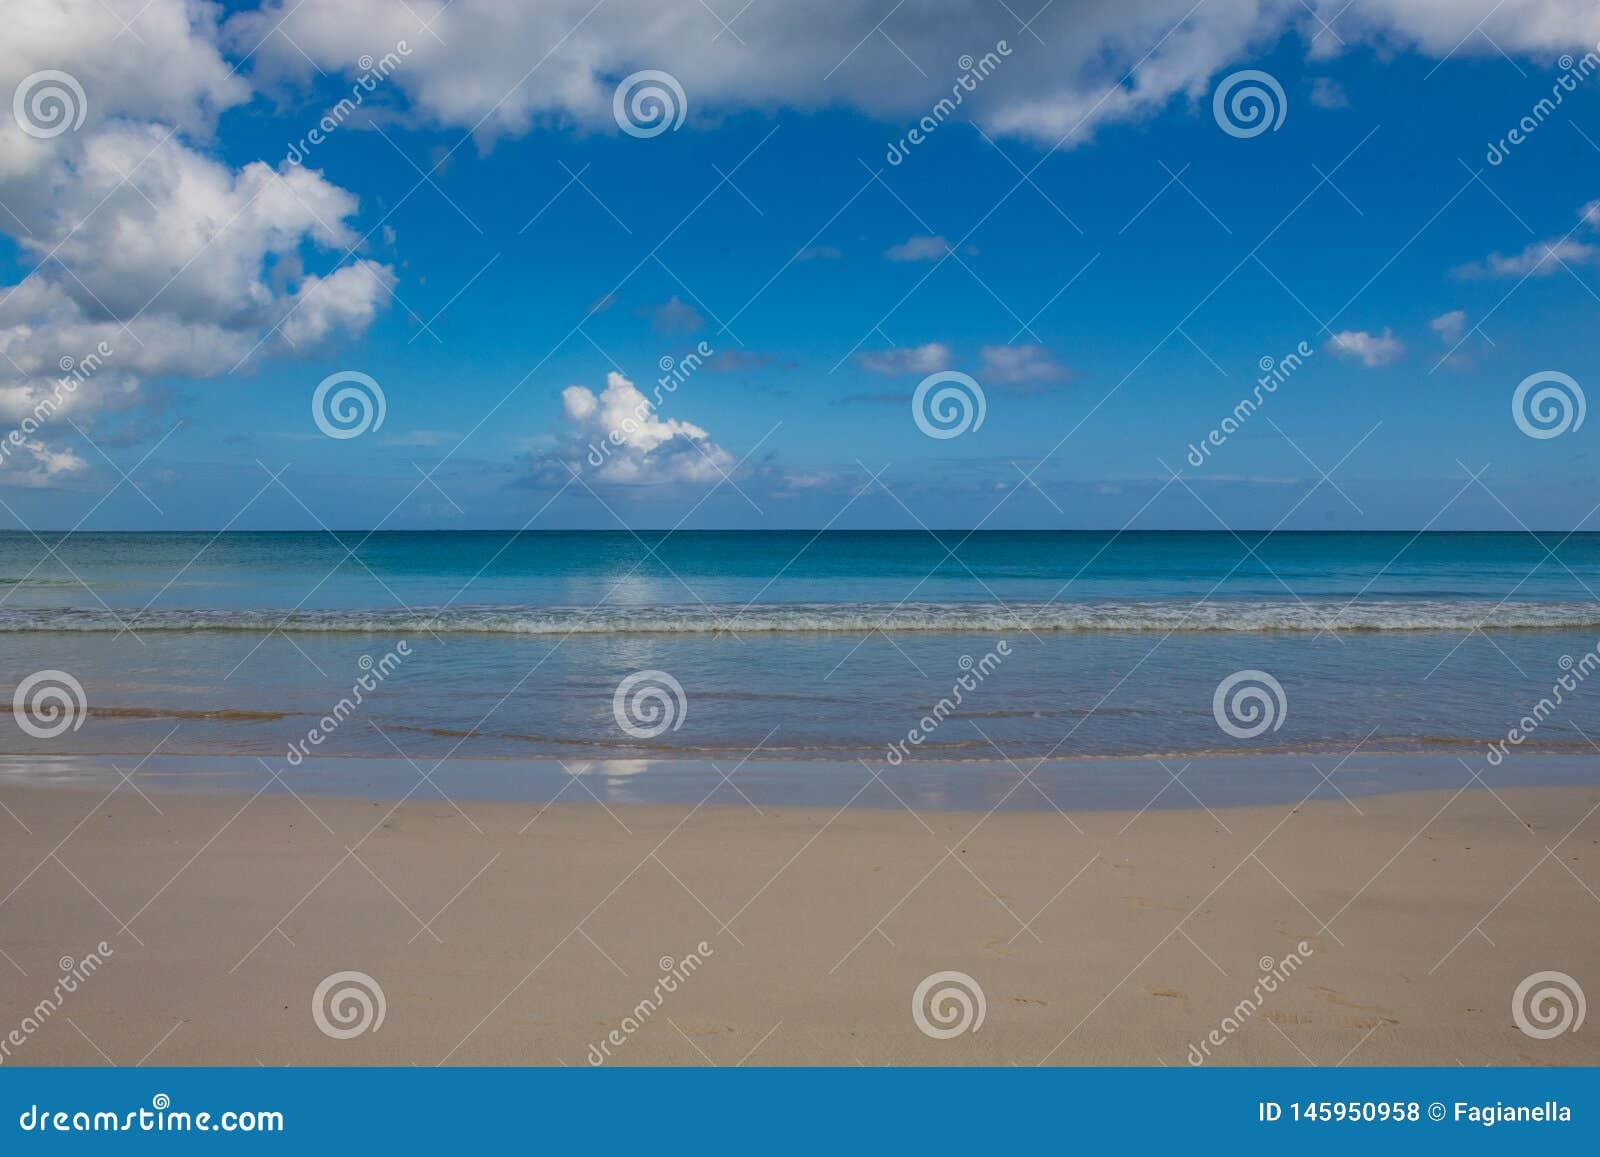 Playa Macao, Punta Cana, Dominicaanse Republiek: verbazend openbaar strand, glasheldere overzees, tropisch paradijs; prachtig sce